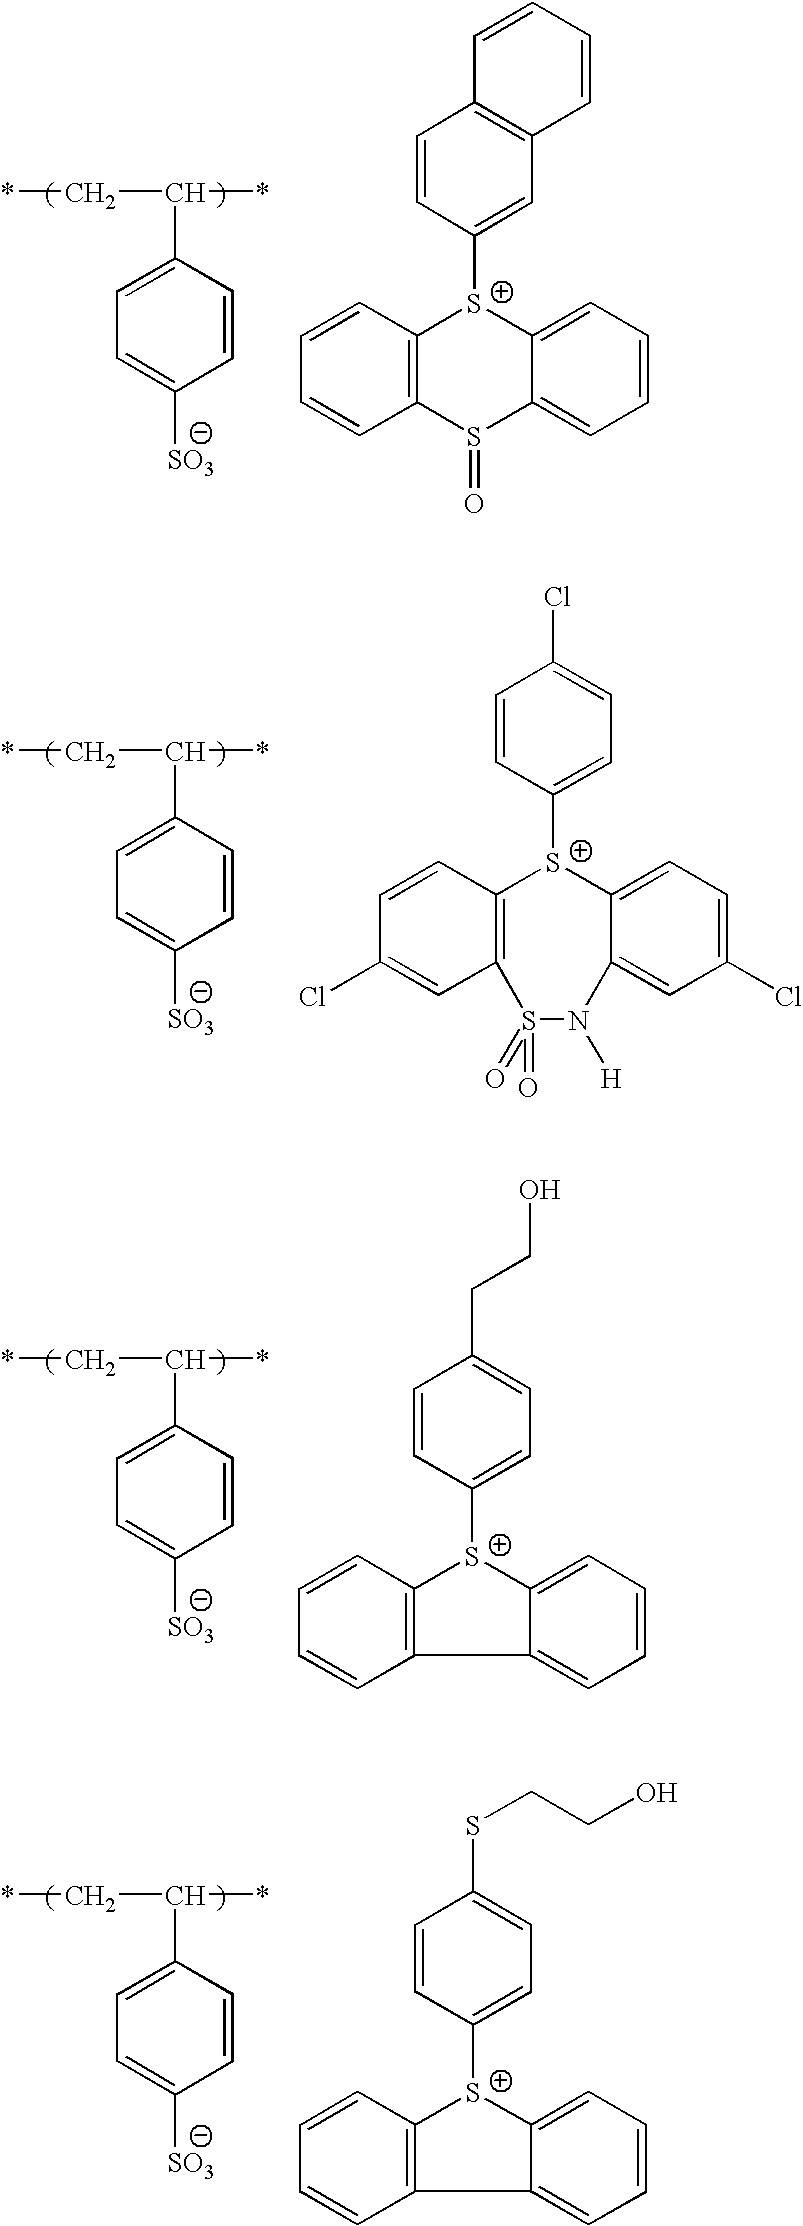 Figure US20100183975A1-20100722-C00054